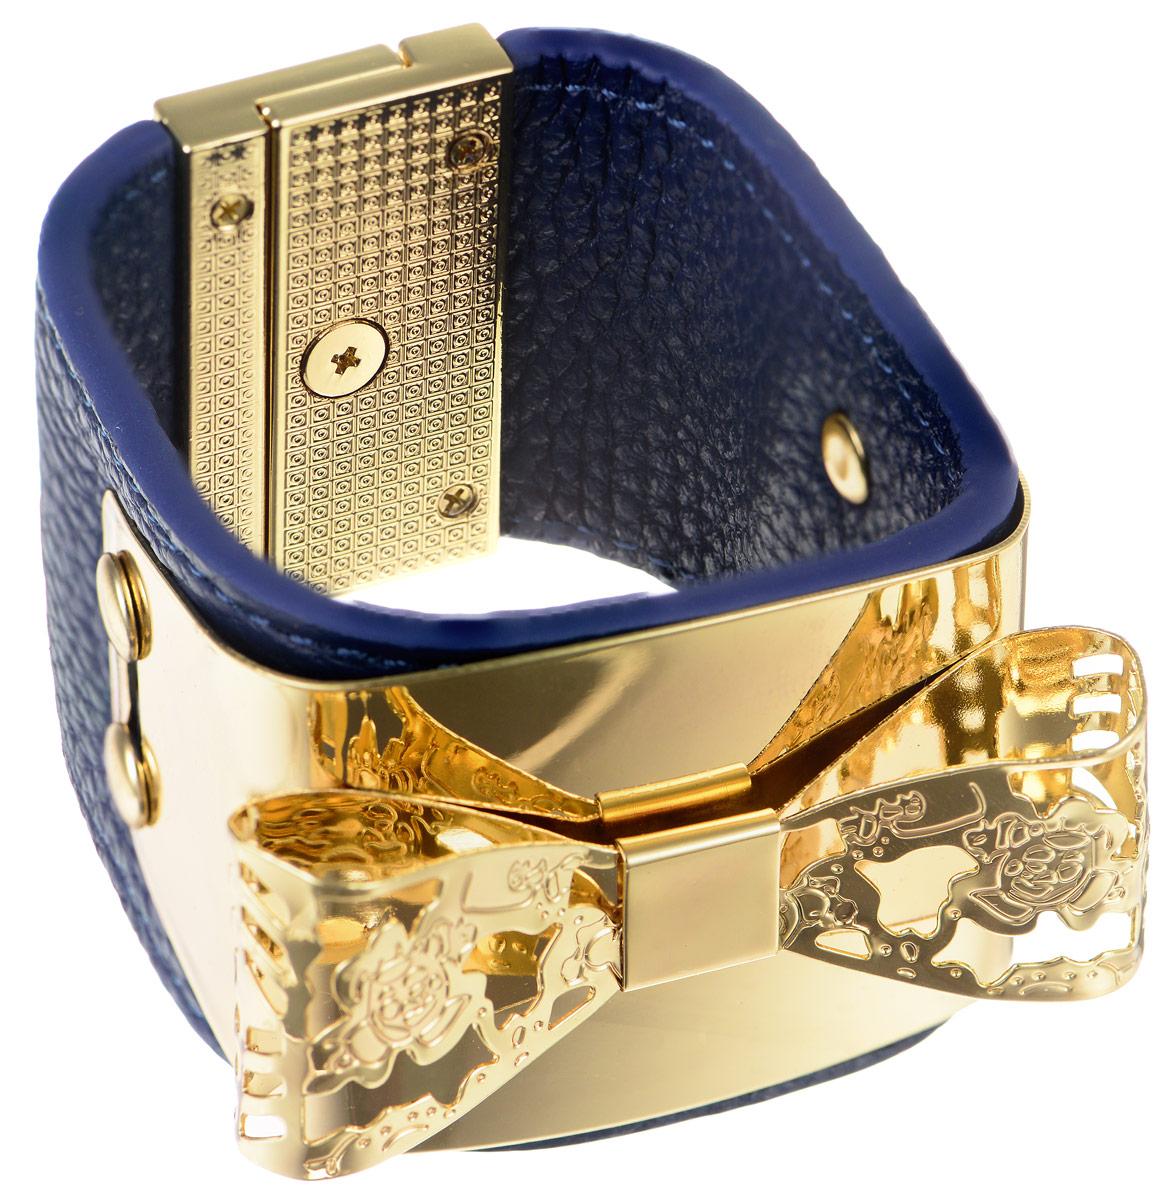 Браслет Art-Silver, цвет: золотистый, синий. СН15-850СН15-850Стильный браслет Art-Silver выполнен из натуральной кожи и оформлен декоративным металлическим элементом в виде банта. Модель на замке-вертушке, который позволит идеально зафиксировать браслет на руке. Браслет - это модный стильный аксессуар, призванный подчеркнуть индивидуальность и очарование его обладательницы.